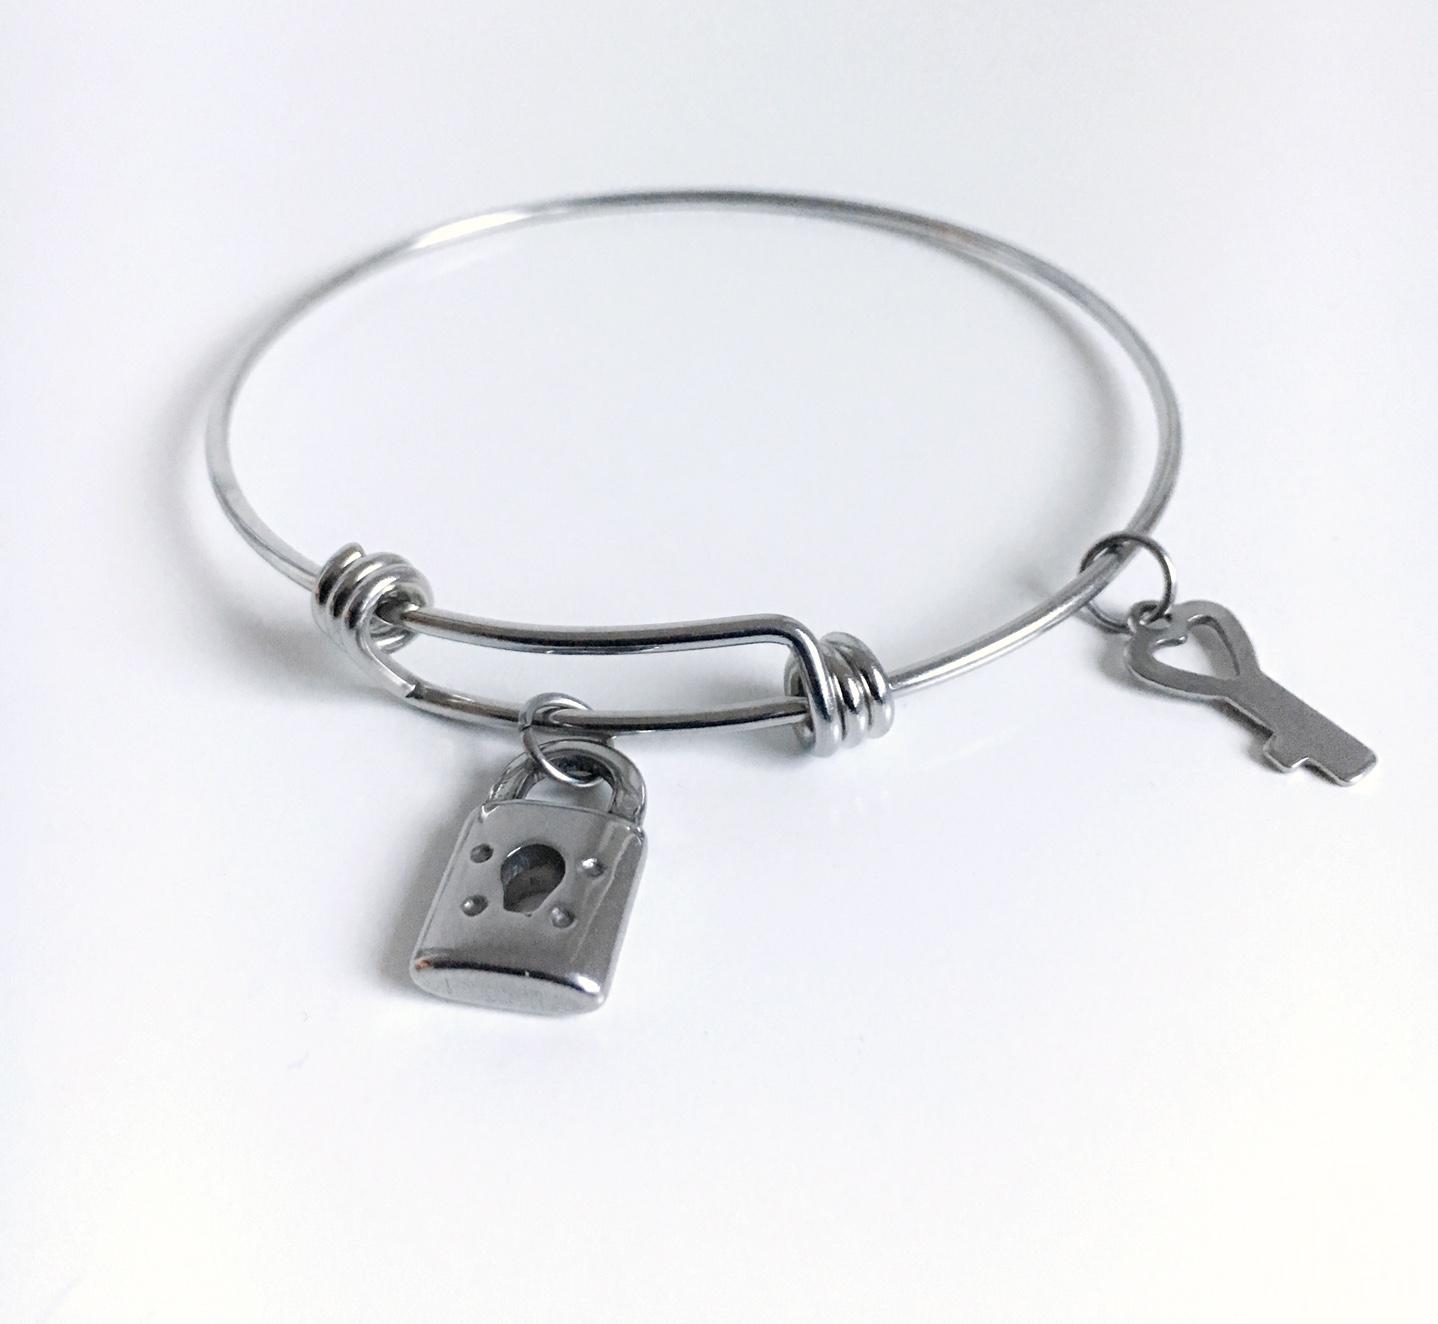 Hjärthänglås och nyckel_armband